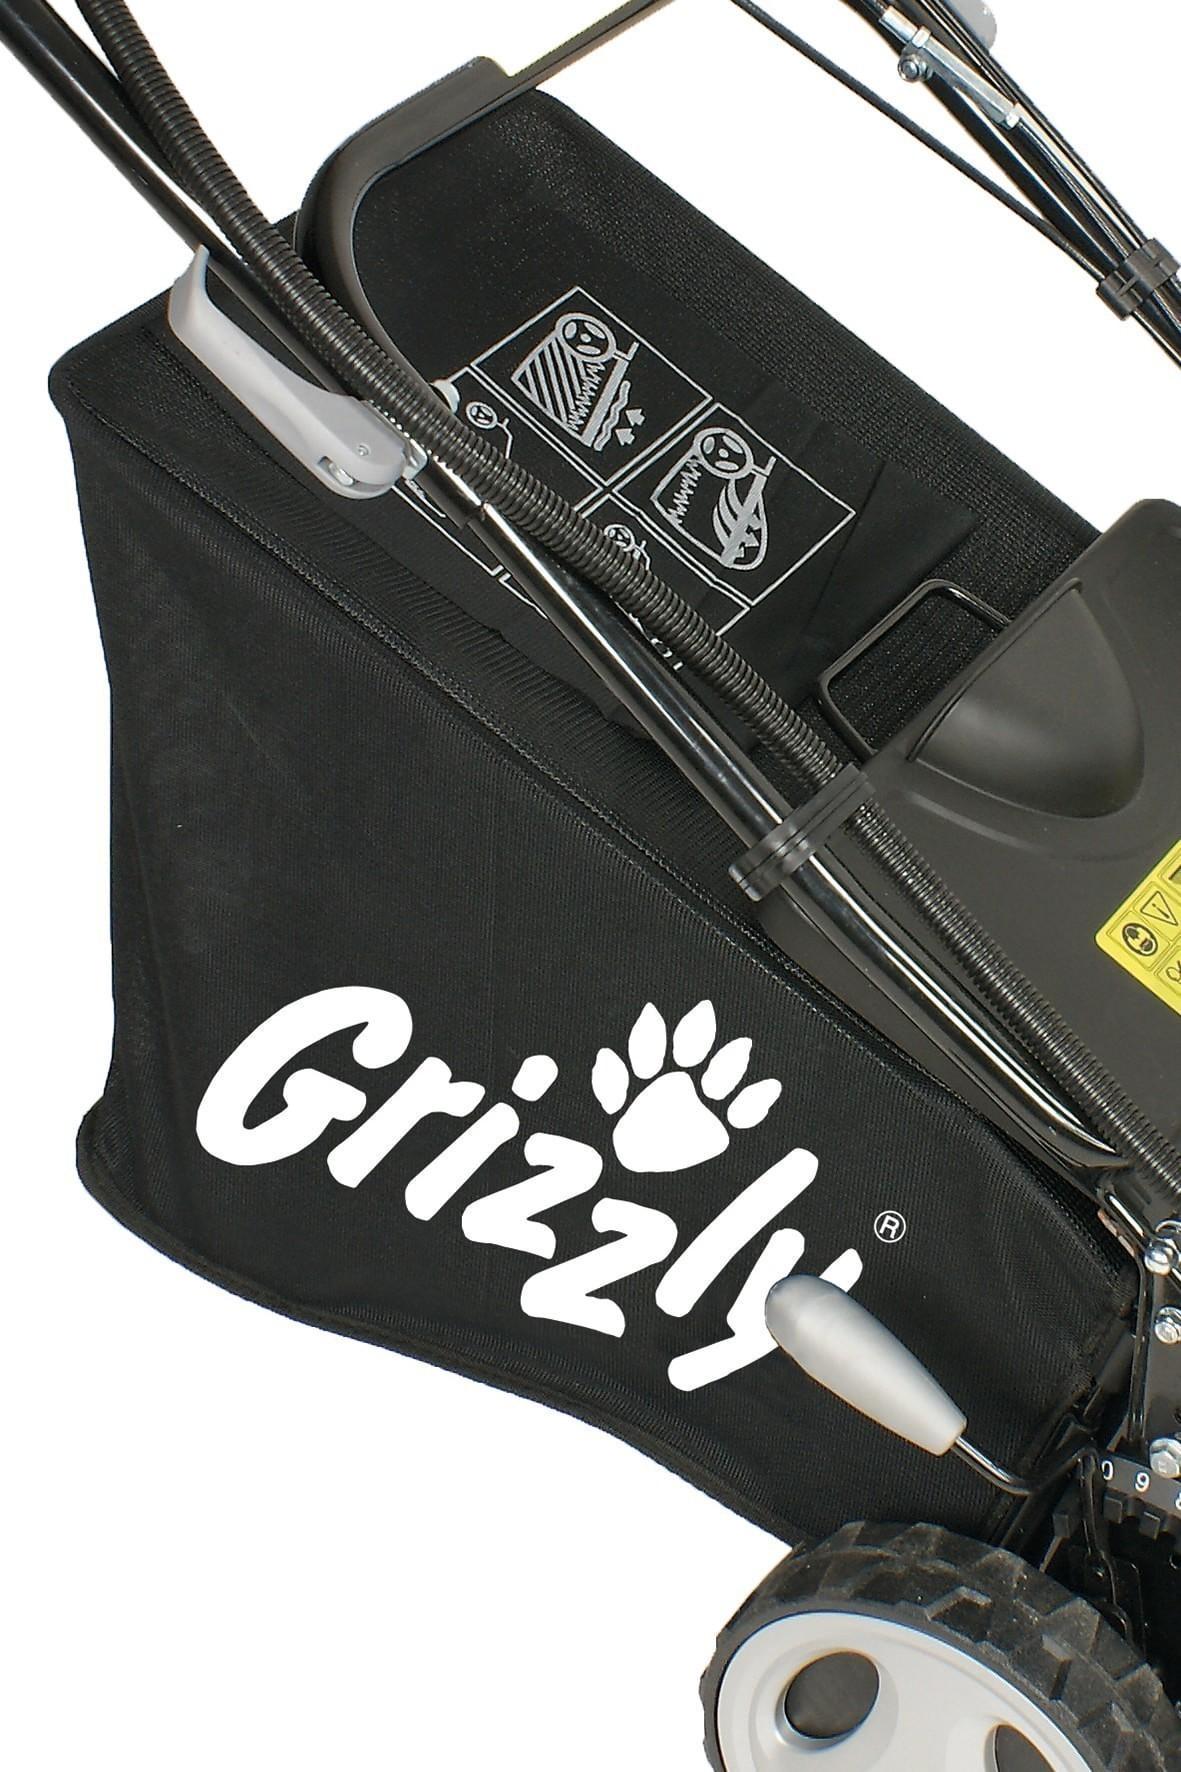 Benzin-Rasenmäher Grizzly BRM 4613-20 A E-Start 1,9kW SB 46cm Bild 6